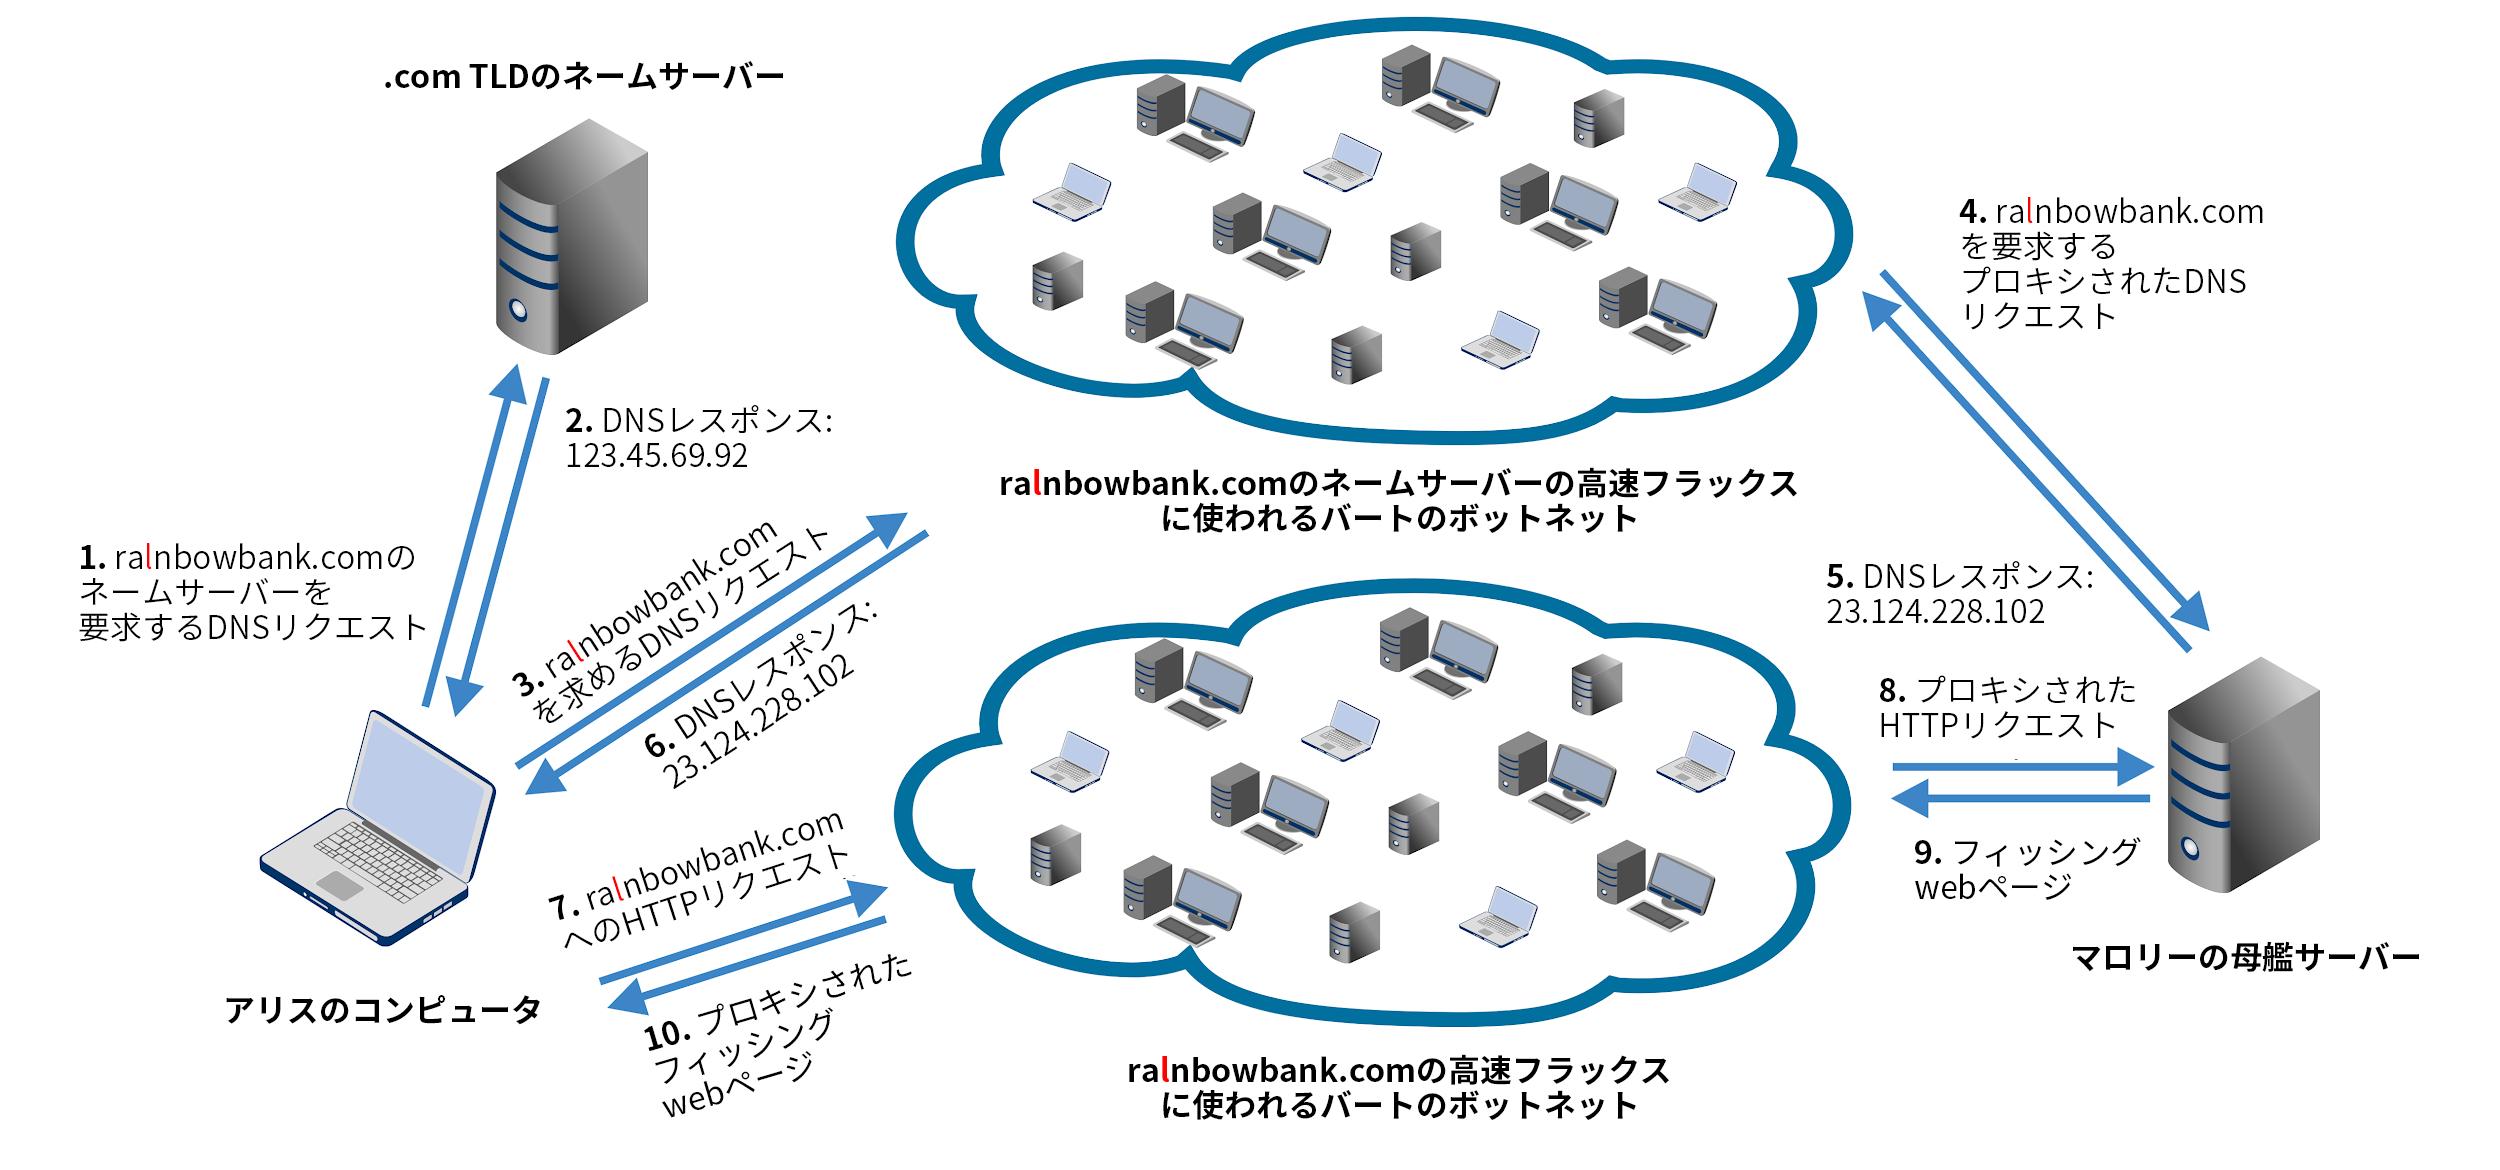 ダブルフラックスアーキテクチャの例。1)被害者のコンピュータから.com TLDのネームサーバーに送信されたドメイン名のサーバーに対するDNSリクエスト。 2).com TLDのネームサーバーから被害者のコンピュータへのレスポンス。 3)被害者のコンピュータからネームサーバーの高速フラックスに使用されるボットネットに送信されたドメイン名のDNSリクエスト。 4)攻撃者の母艦サーバーに送信されたプロキシDNSリクエスト。 5)母艦サーバーからネームサーバーの高速フラックスに使用されるボットネットに送信されるDNSレスポンス。 6)ボットネットから被害者のコンピュータへのDNSレスポンス。 7)被害者のコンピュータからフィッシングドメイン名の高速フラックスに使用されるボットネットへのドメイン名のHTTP要求。 8)フィッシングドメイン名のボットネットから攻撃者の母艦サーバーへのプロキシされたHTTPリクエスト。 9)攻撃者の母艦サーバーからドメイン名の高速フラックスに使用されるボットネットに送信されるフィッシングWebページ。 10)ボットネットから被害者のコンピュータに送信されたプロキシフィッシングWebページ